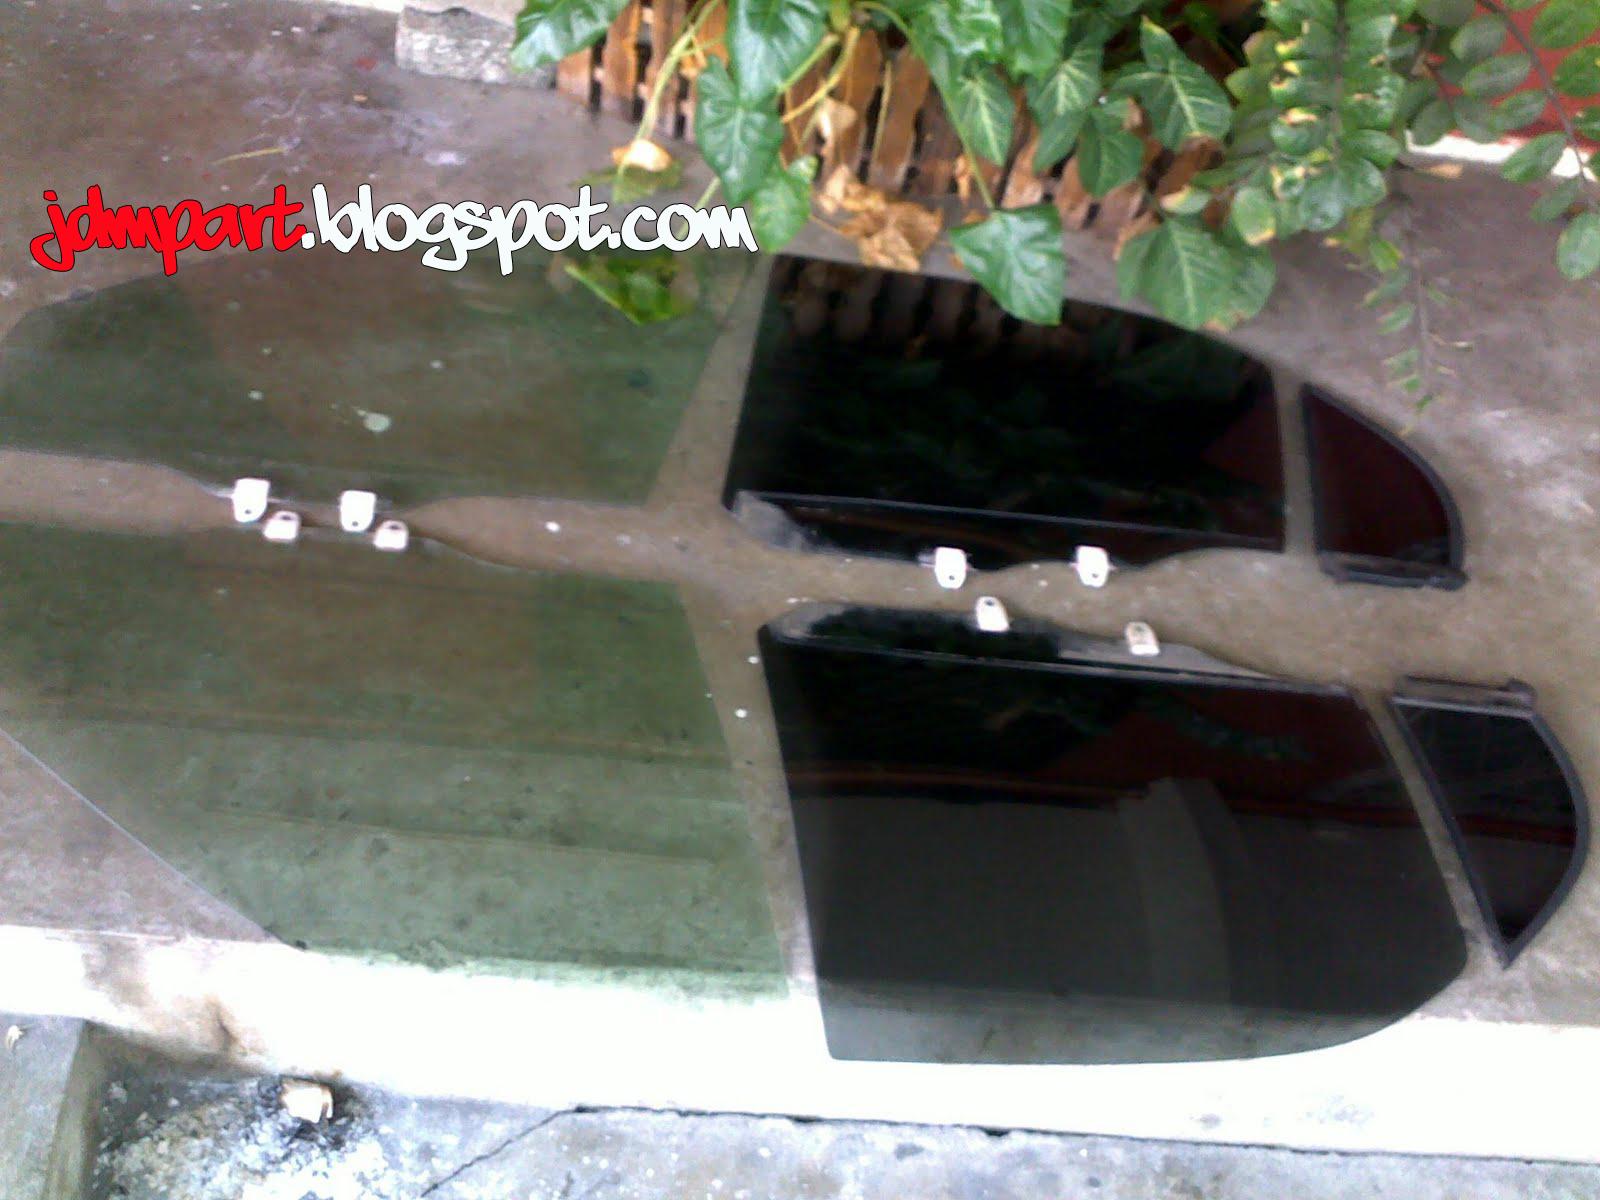 http://3.bp.blogspot.com/-_YEbD0b-M0I/TiFJxpQVnYI/AAAAAAAAAwQ/RLob4y8uSjY/s1600/jdm%2B4.jpg